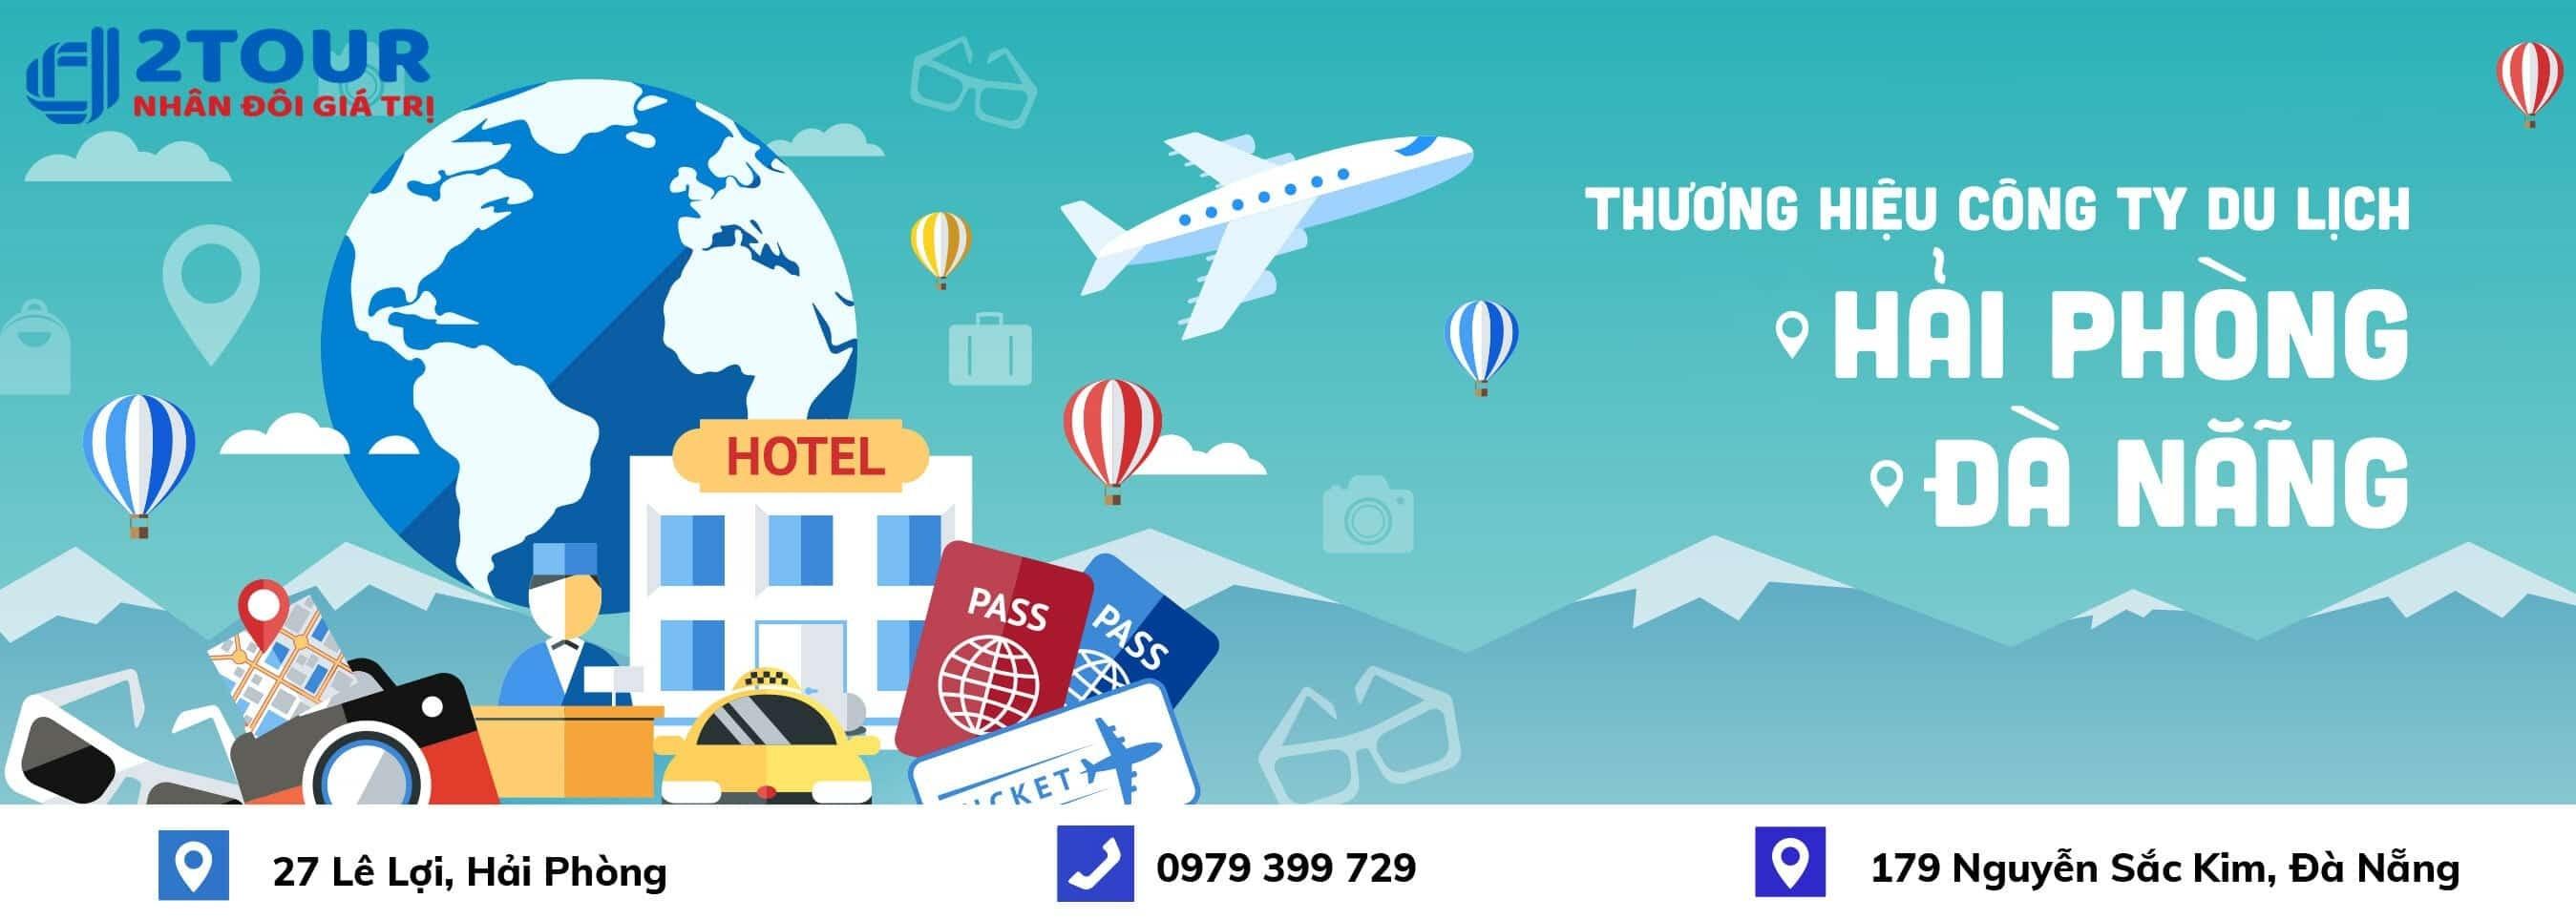 Thương hiệu công ty du lịch Đà Nẵng D2Tour Hải Phòng